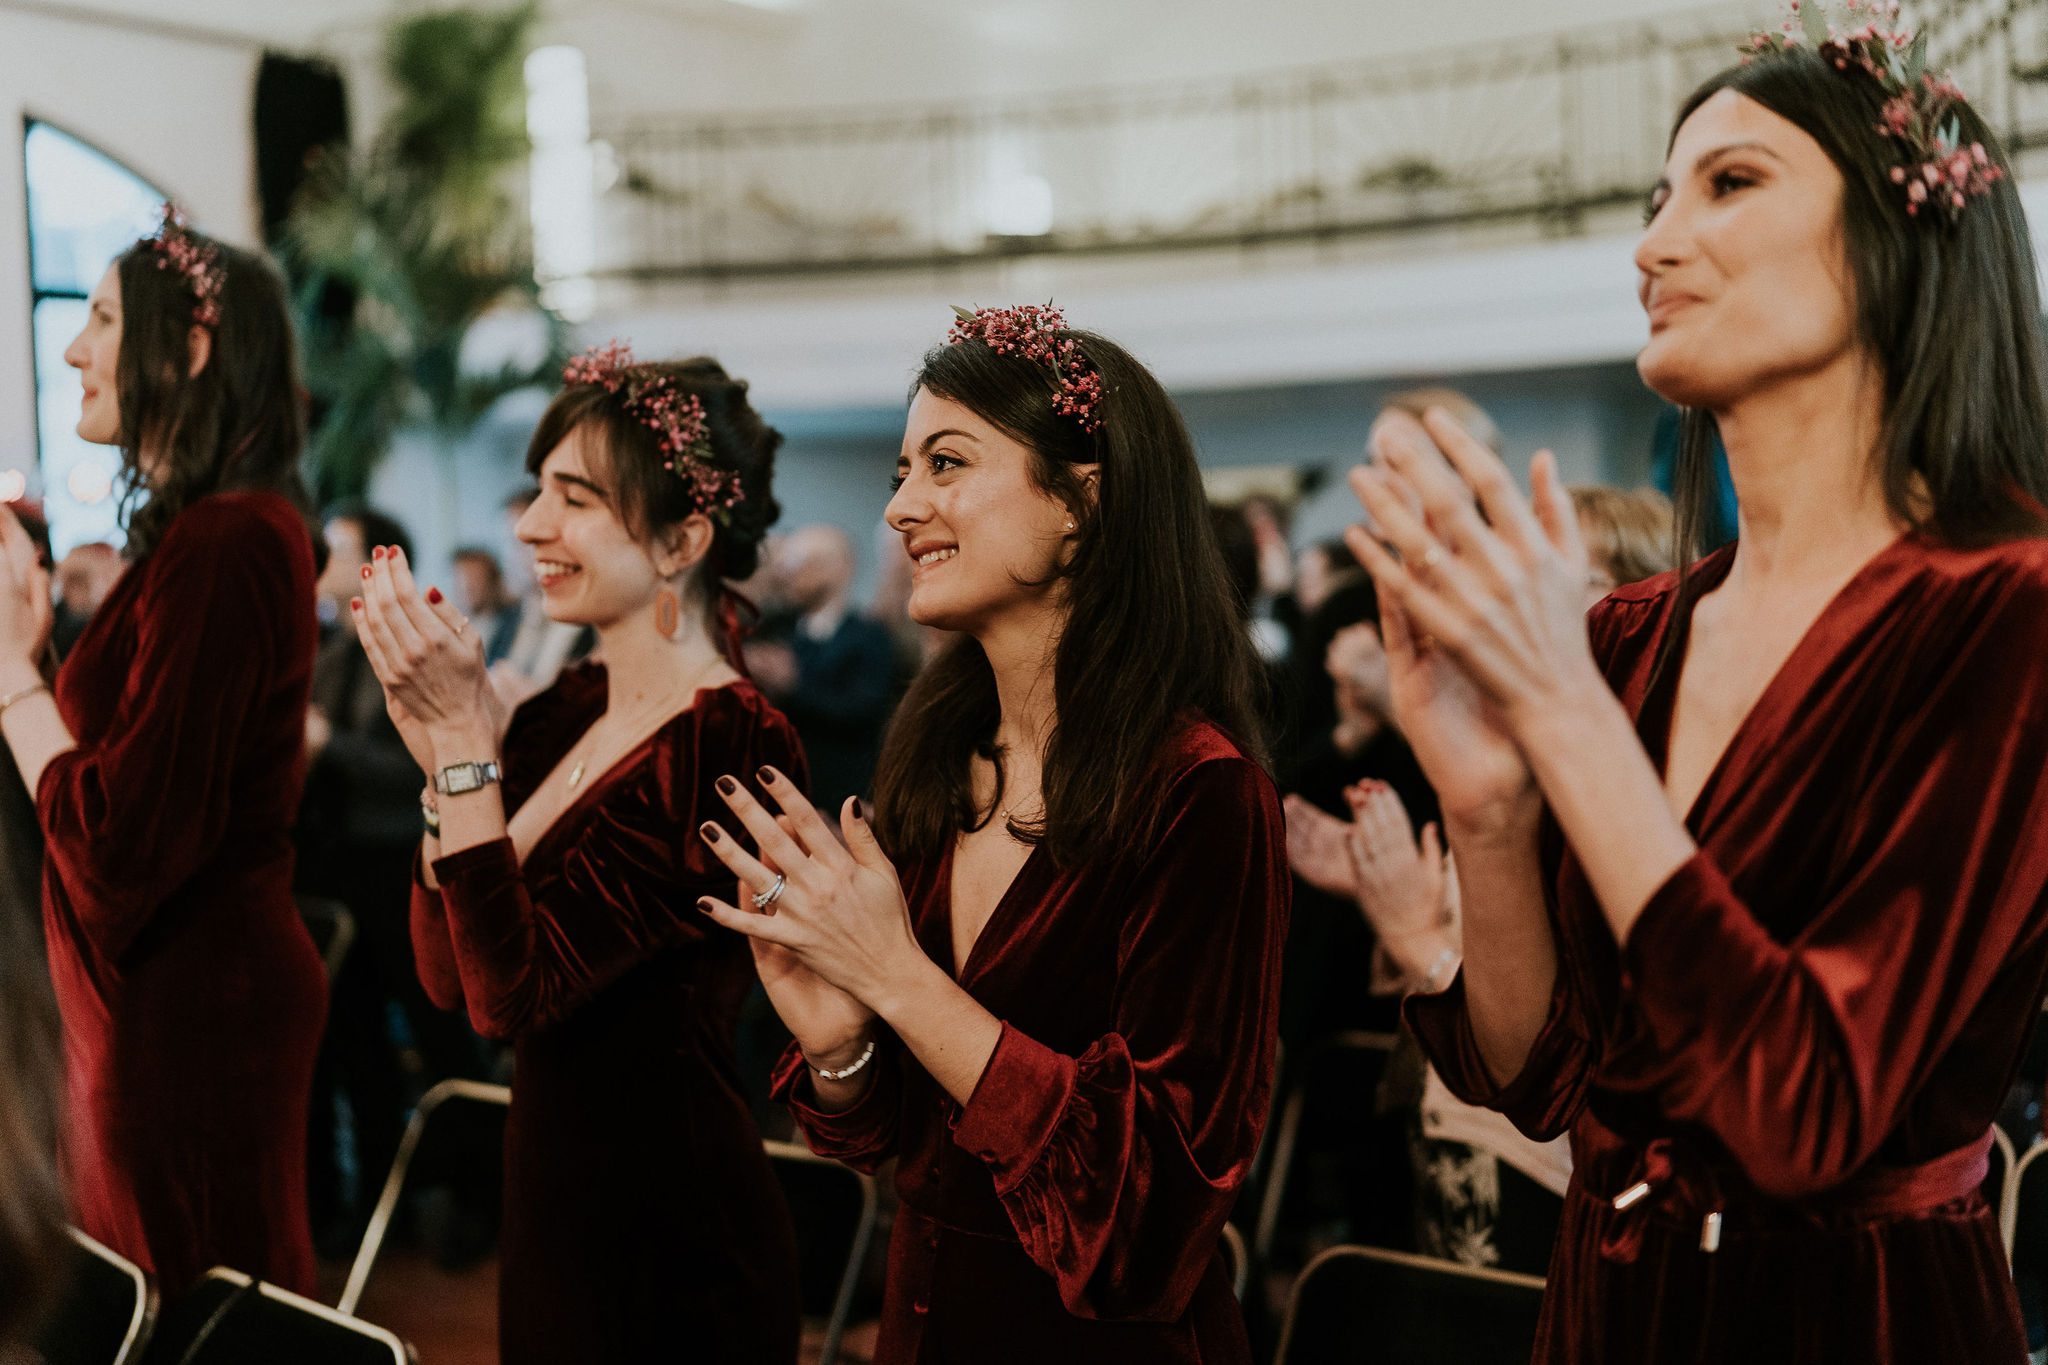 Fleuriste mariage, design floral, mariage à paris, décoratrice paris, mariage sur les toits de paris, red velvet, rouge velours, mariage , demoiselle d'honneur